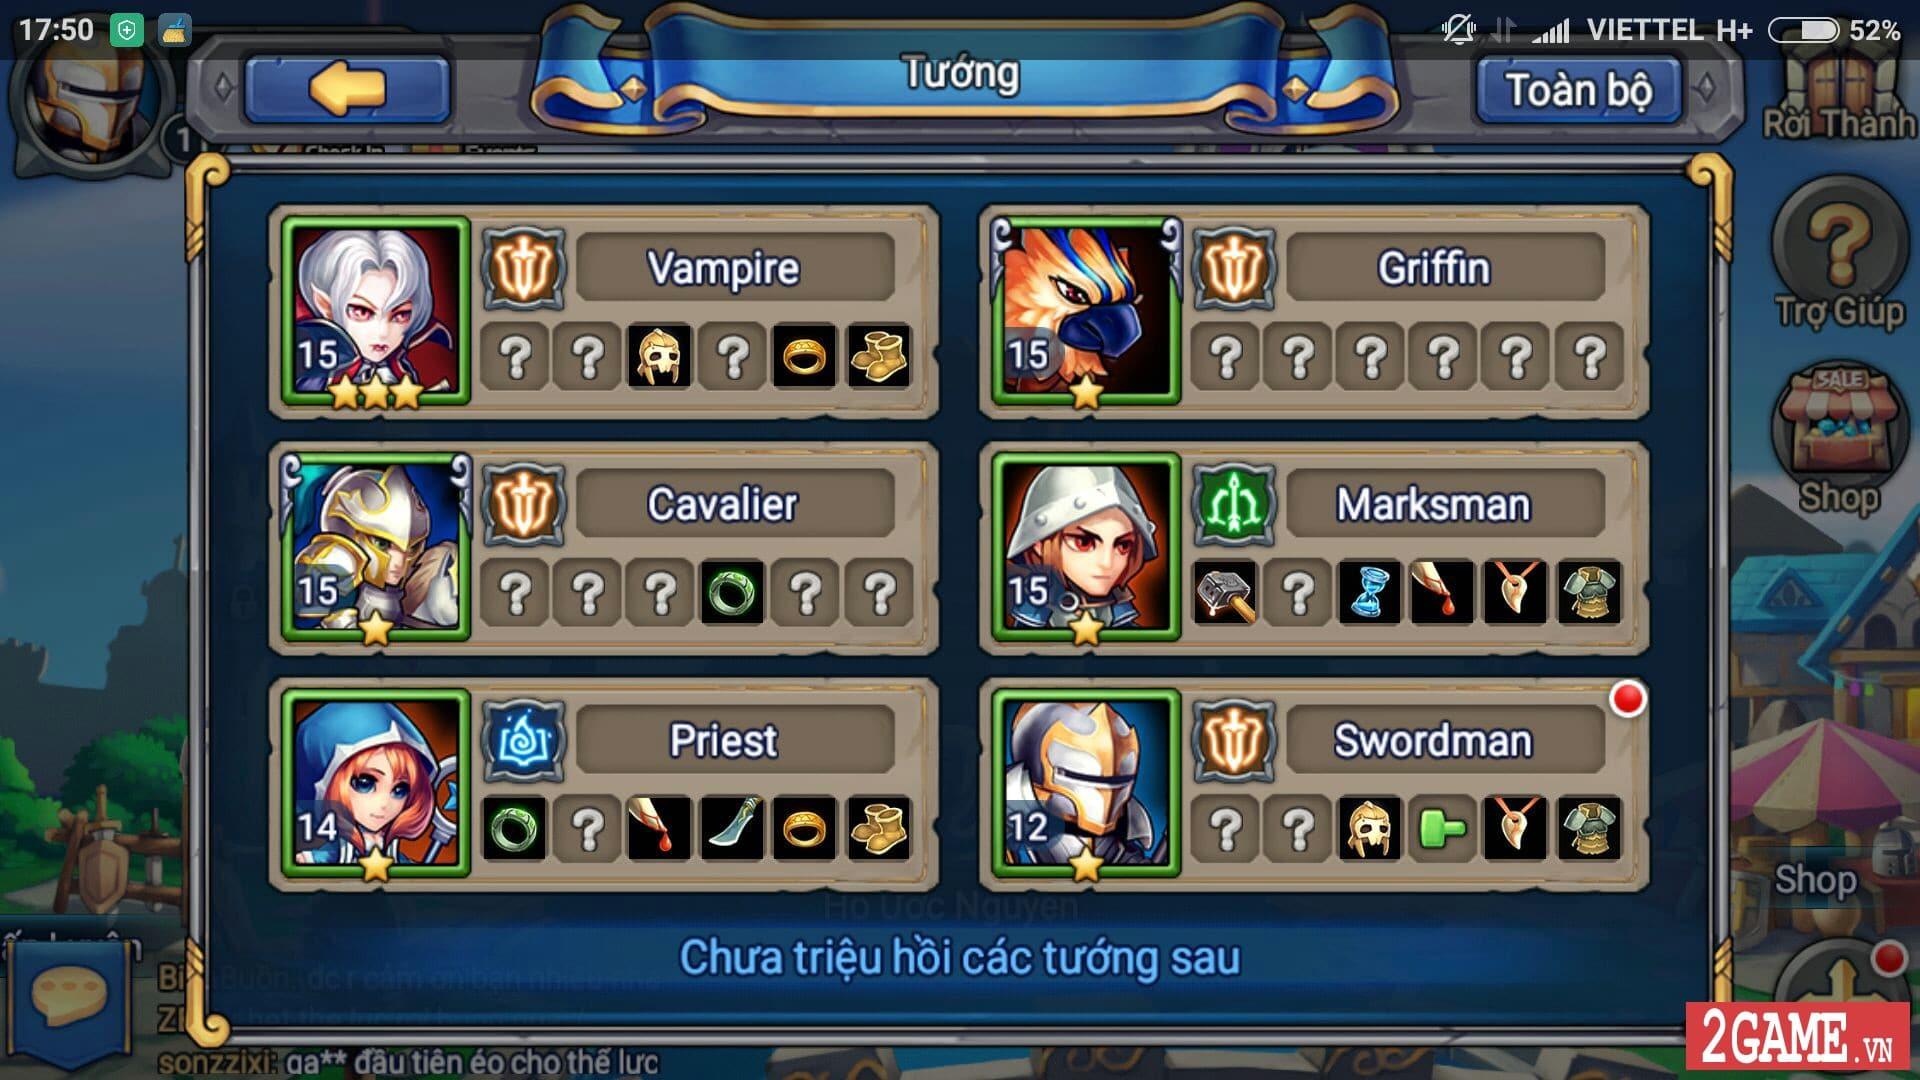 7 game online vừa ra mắt game thủ Việt trong cuối tháng 7 13